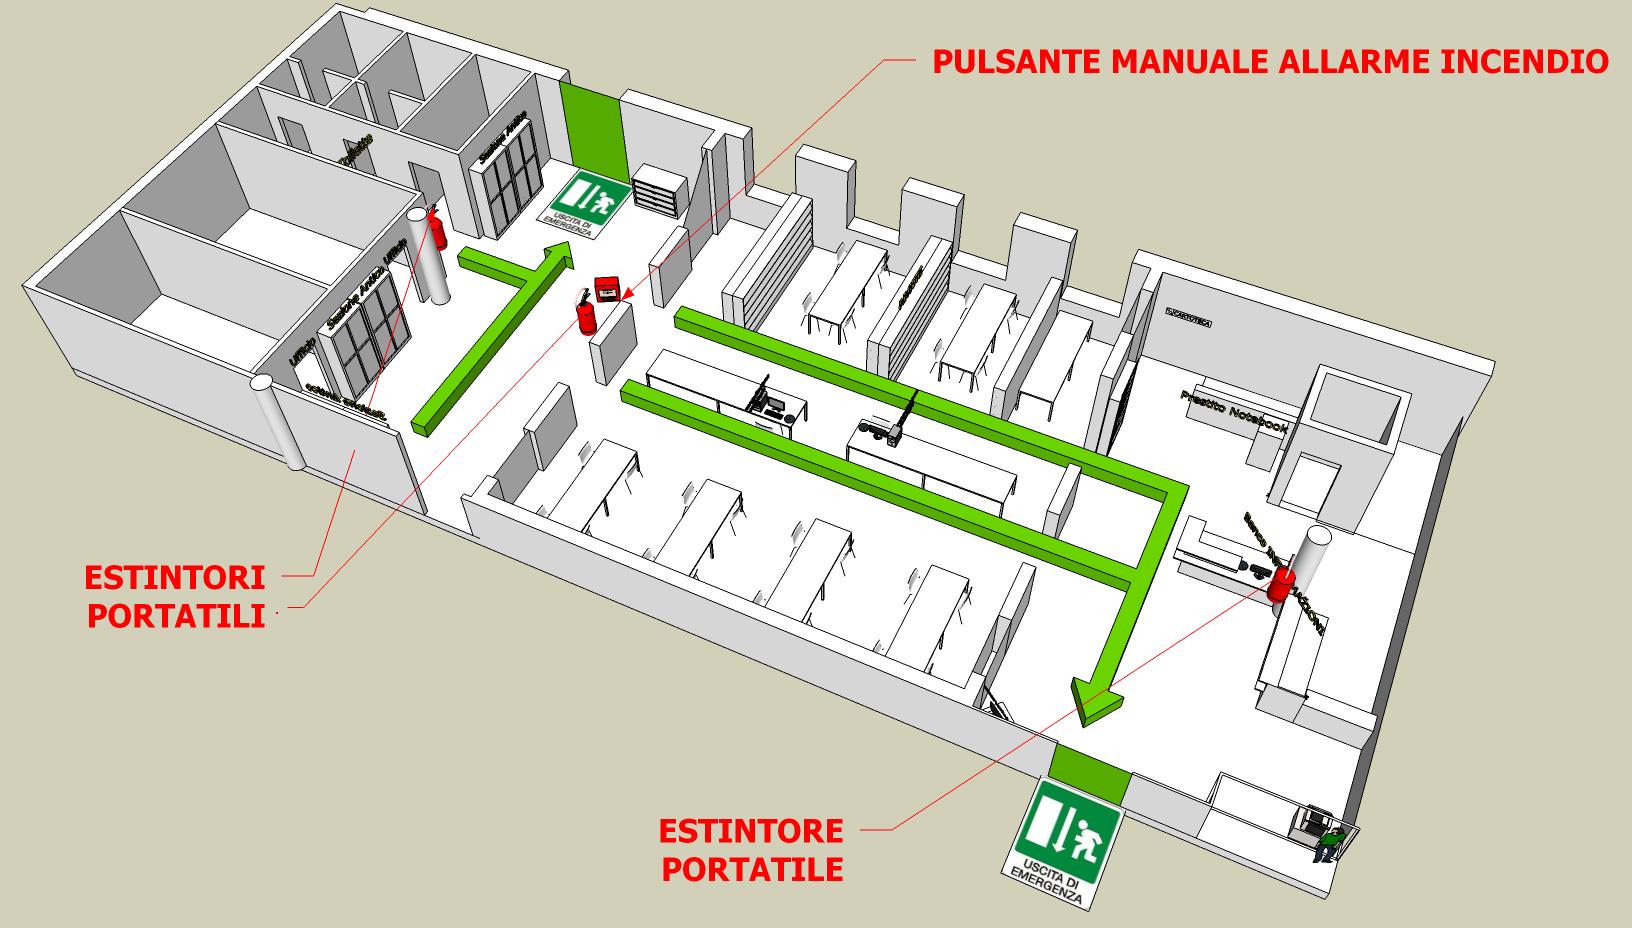 Immagine piano evacuazione biblioteca